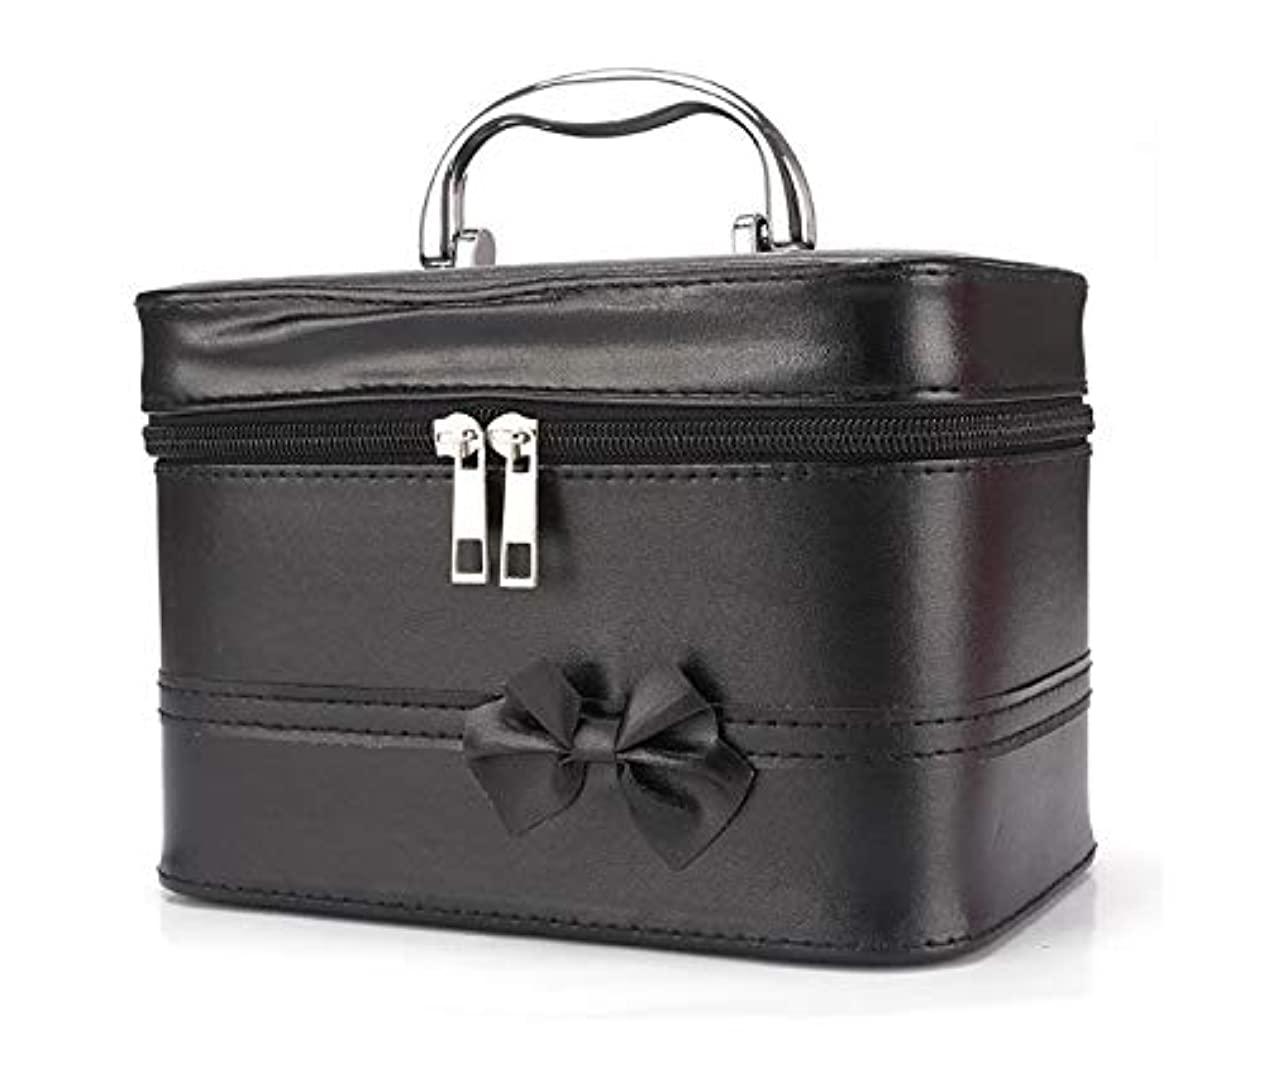 匿名知り合い縞模様の化粧箱、弓スクエアポータブル化粧品袋、ポータブルポータブル旅行化粧品ケース、美容ネイルジュエリー収納ボックス (Color : ブラック)